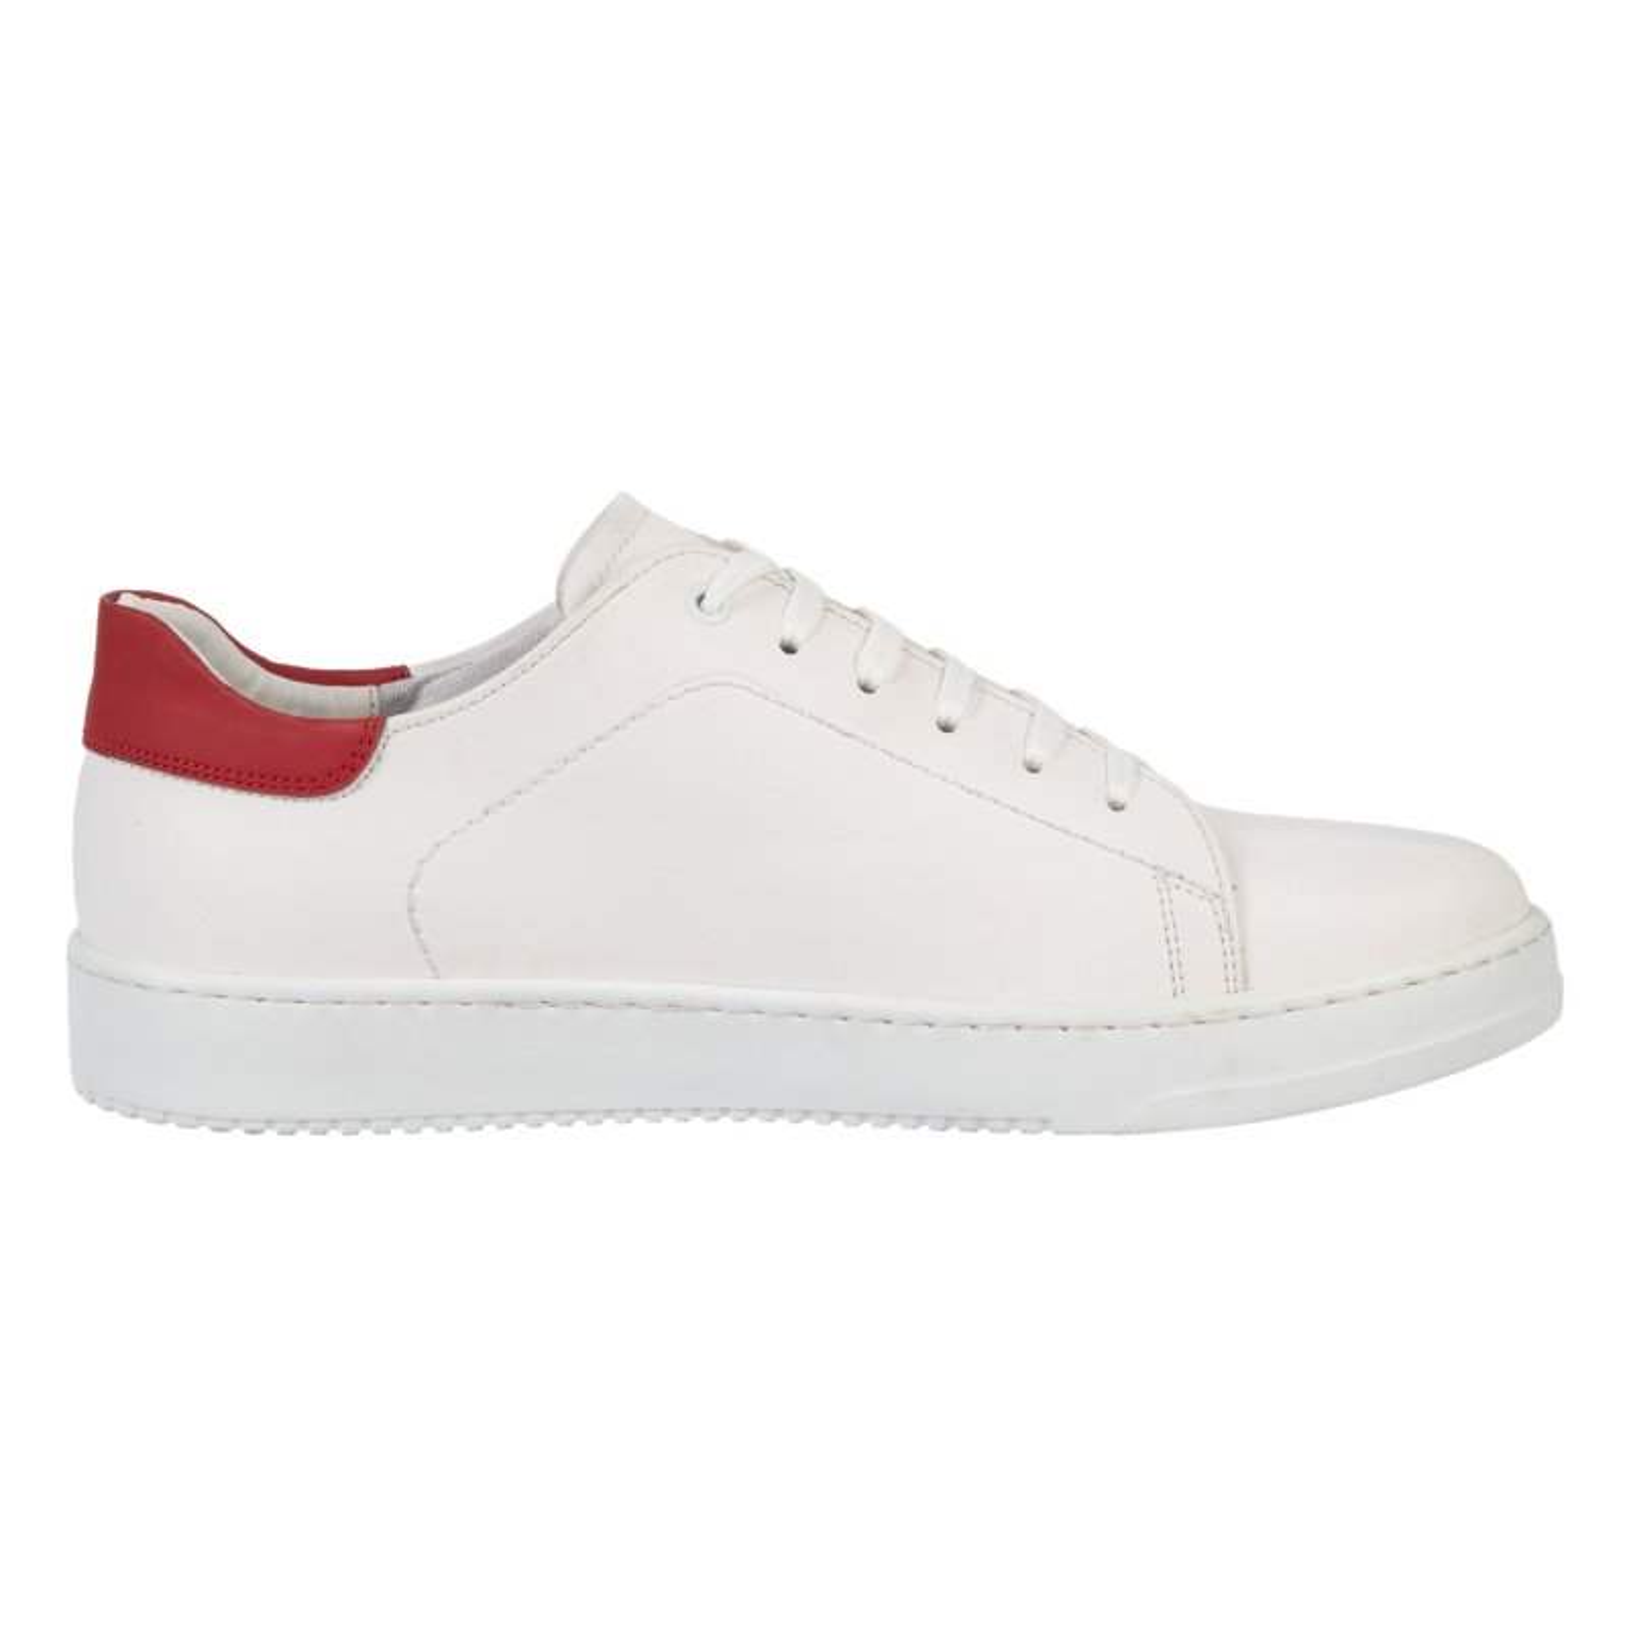 کفش روزمره مردانه ام تو مدل 301-0020